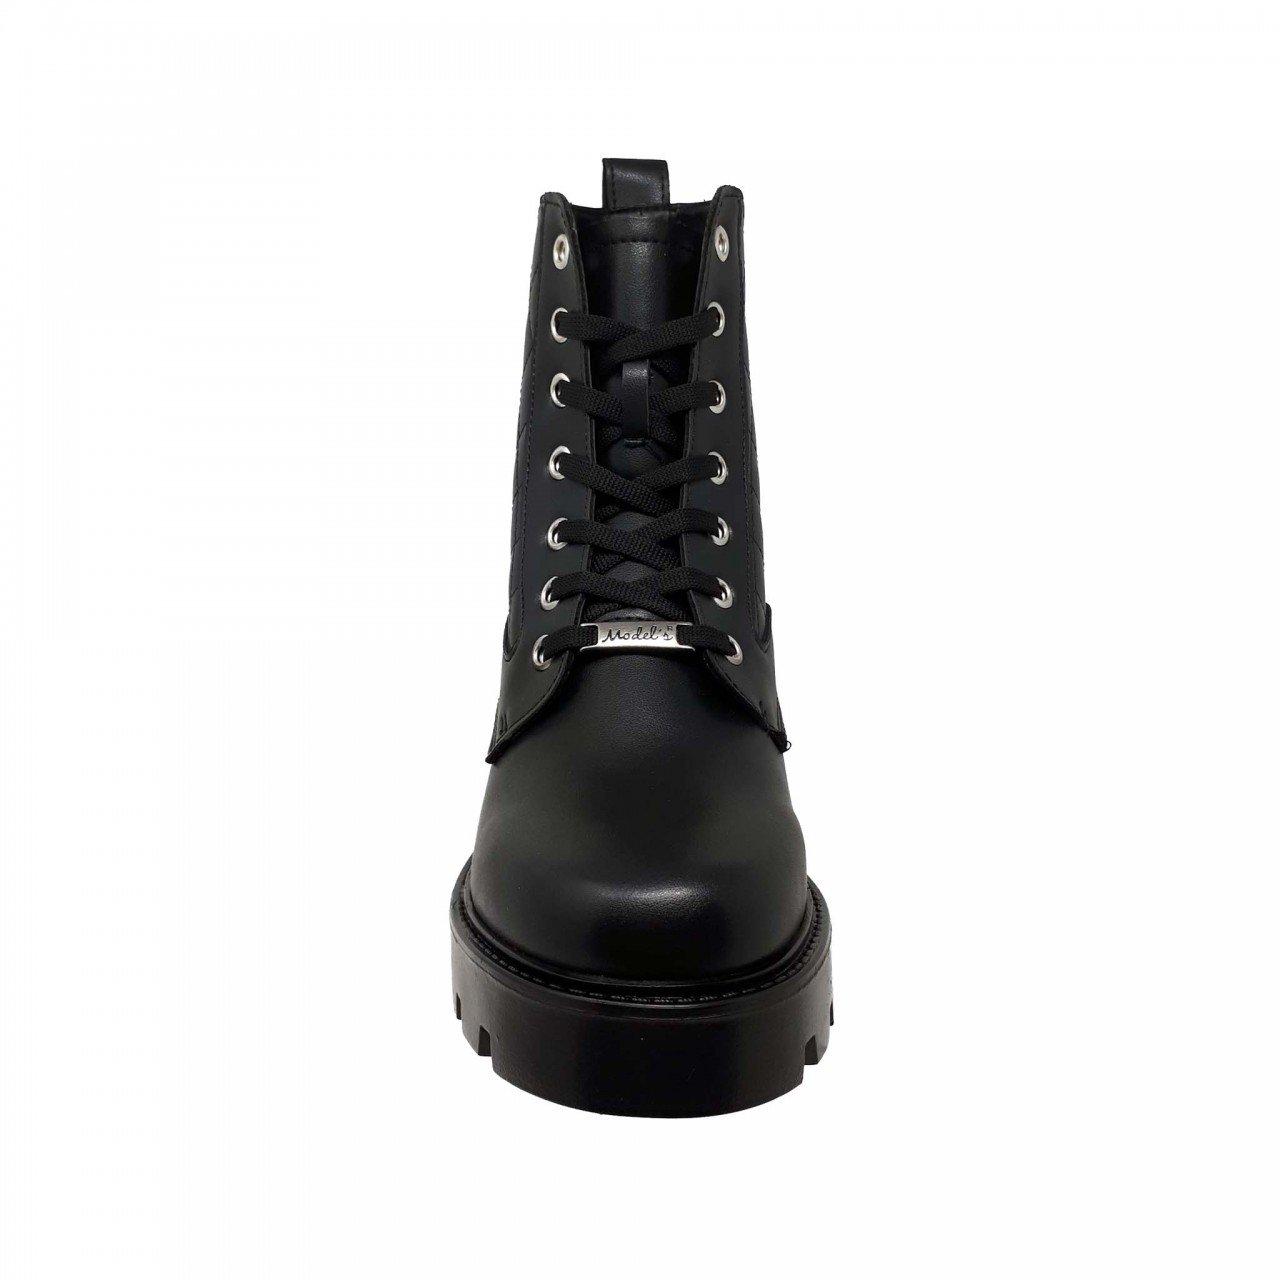 Botín negro tipo piel de plataforma para mujer M2529